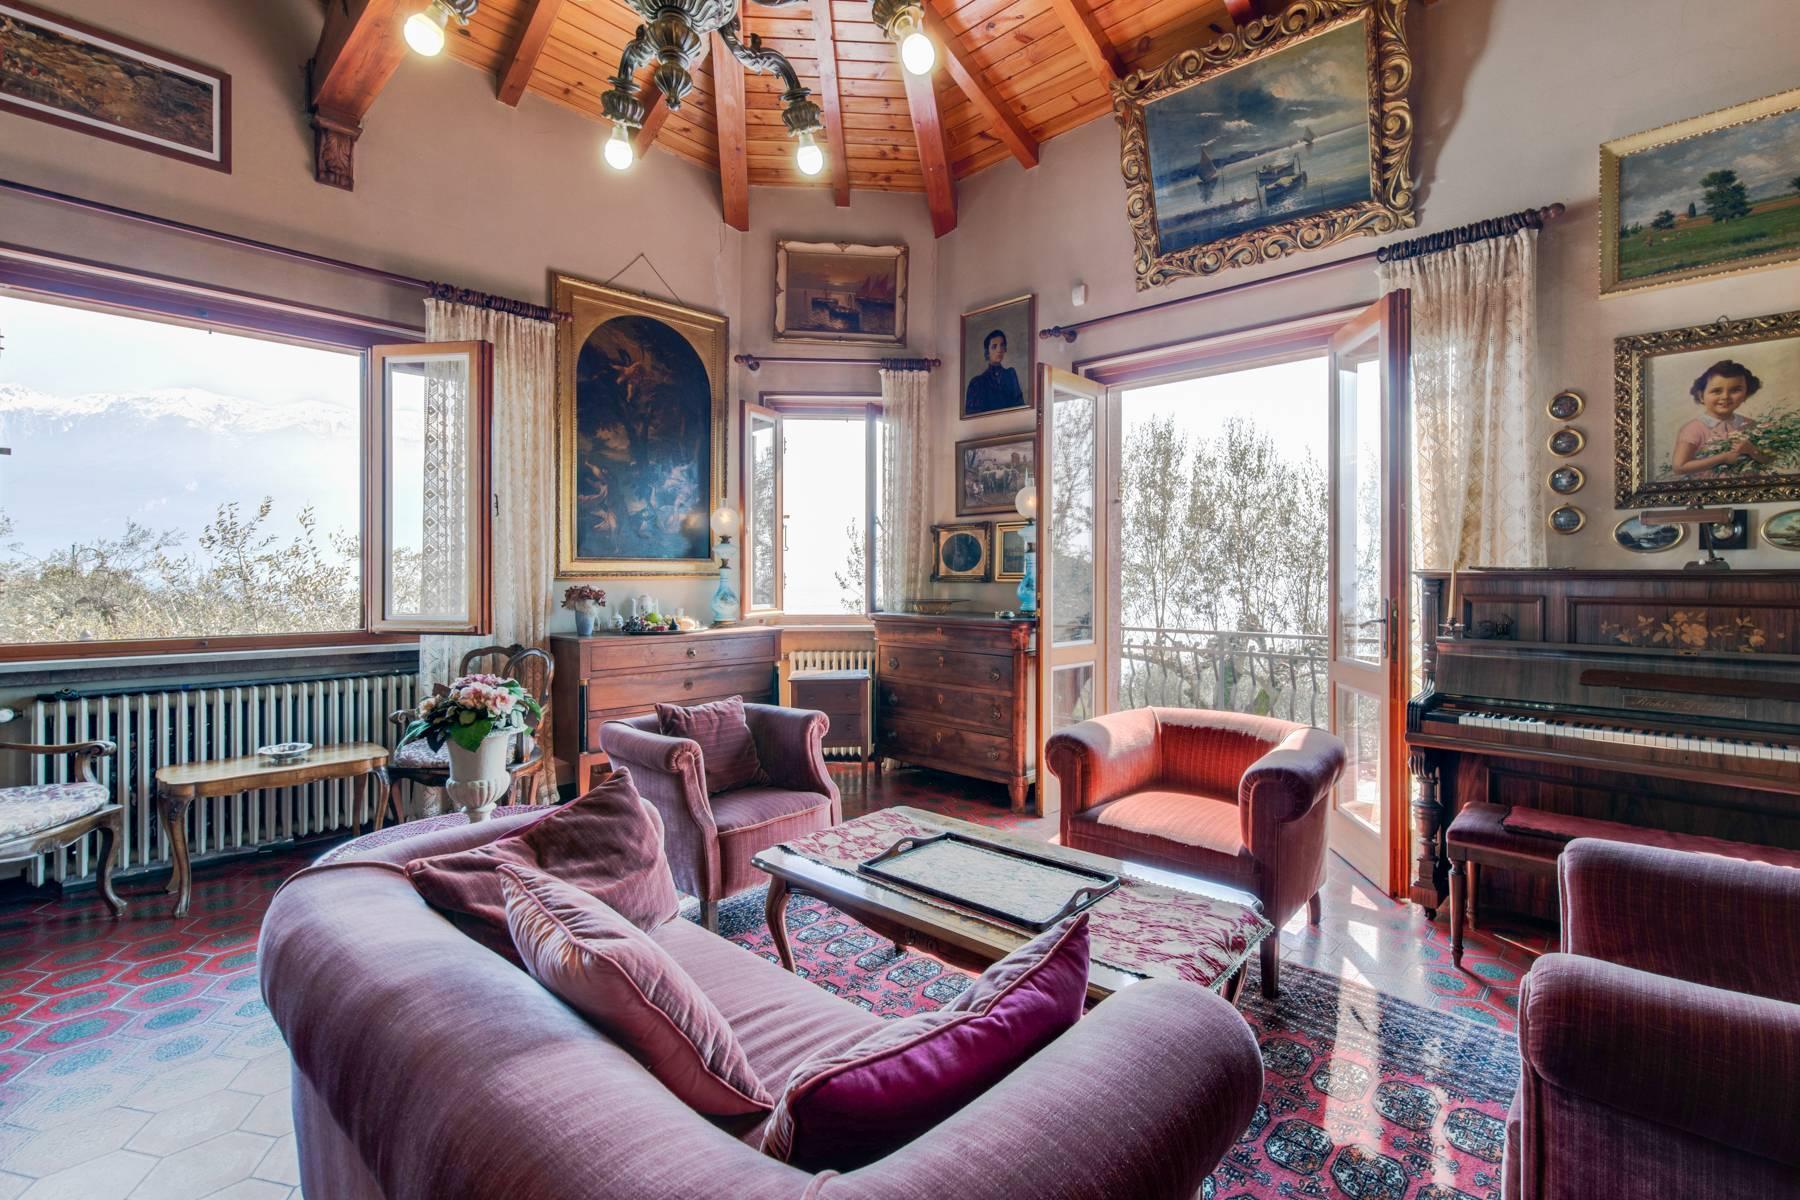 Villa in Gargnano inmitten der Olivenbäume vom Gardasee mit herrlichem Seeblick - 21